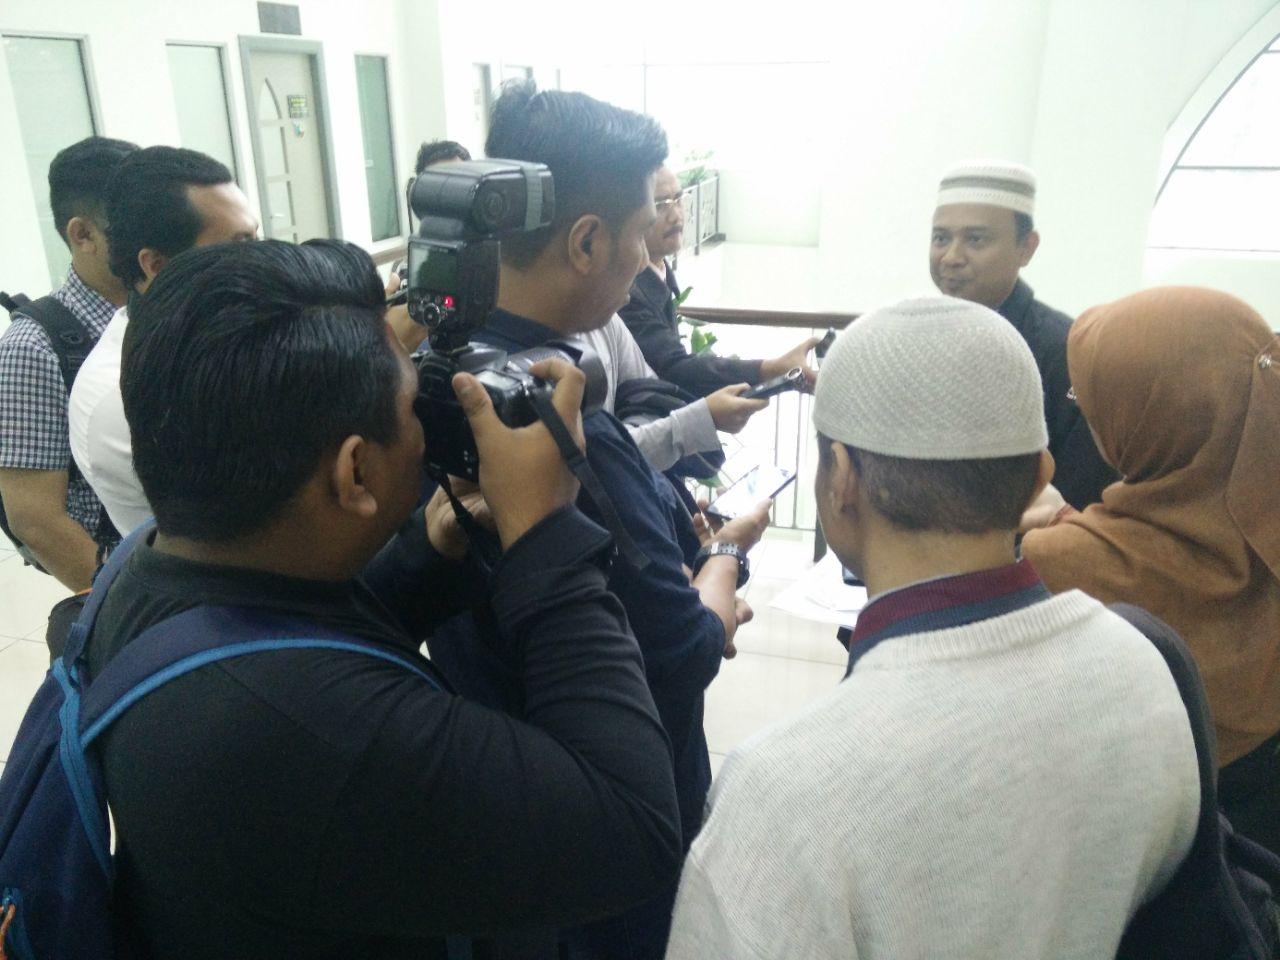 Mahkamah Tinggi Syariah membenarkan responden memfailkan bantahan awal